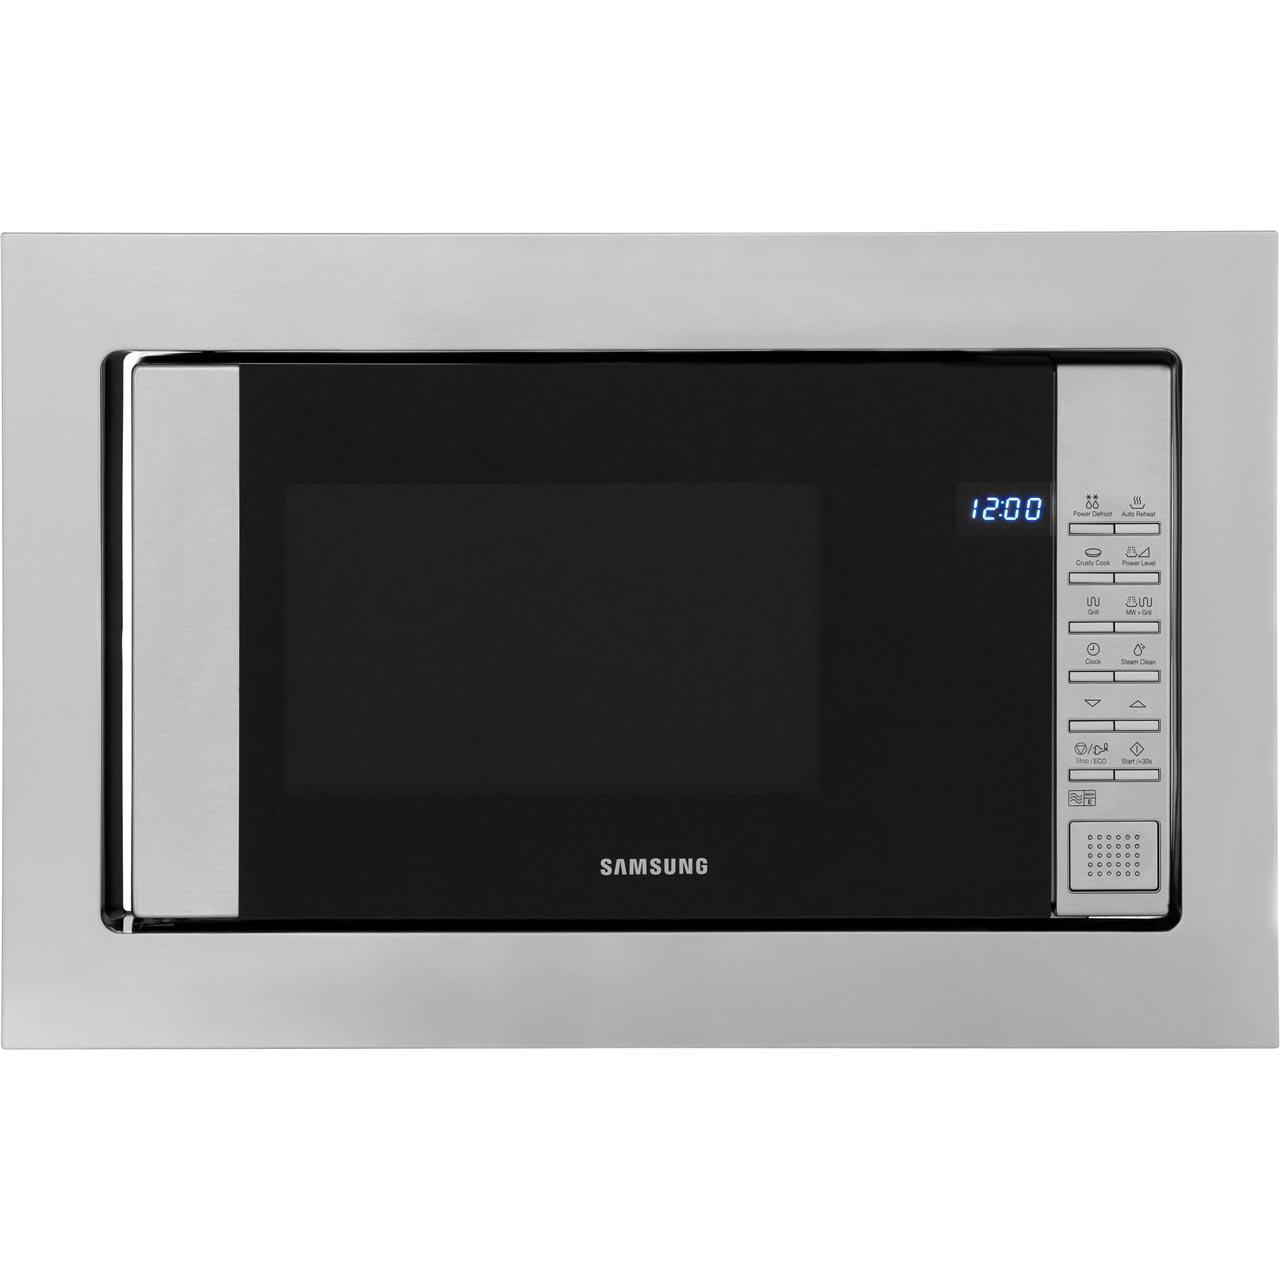 Samsung Microwave Built In Bestmicrowave